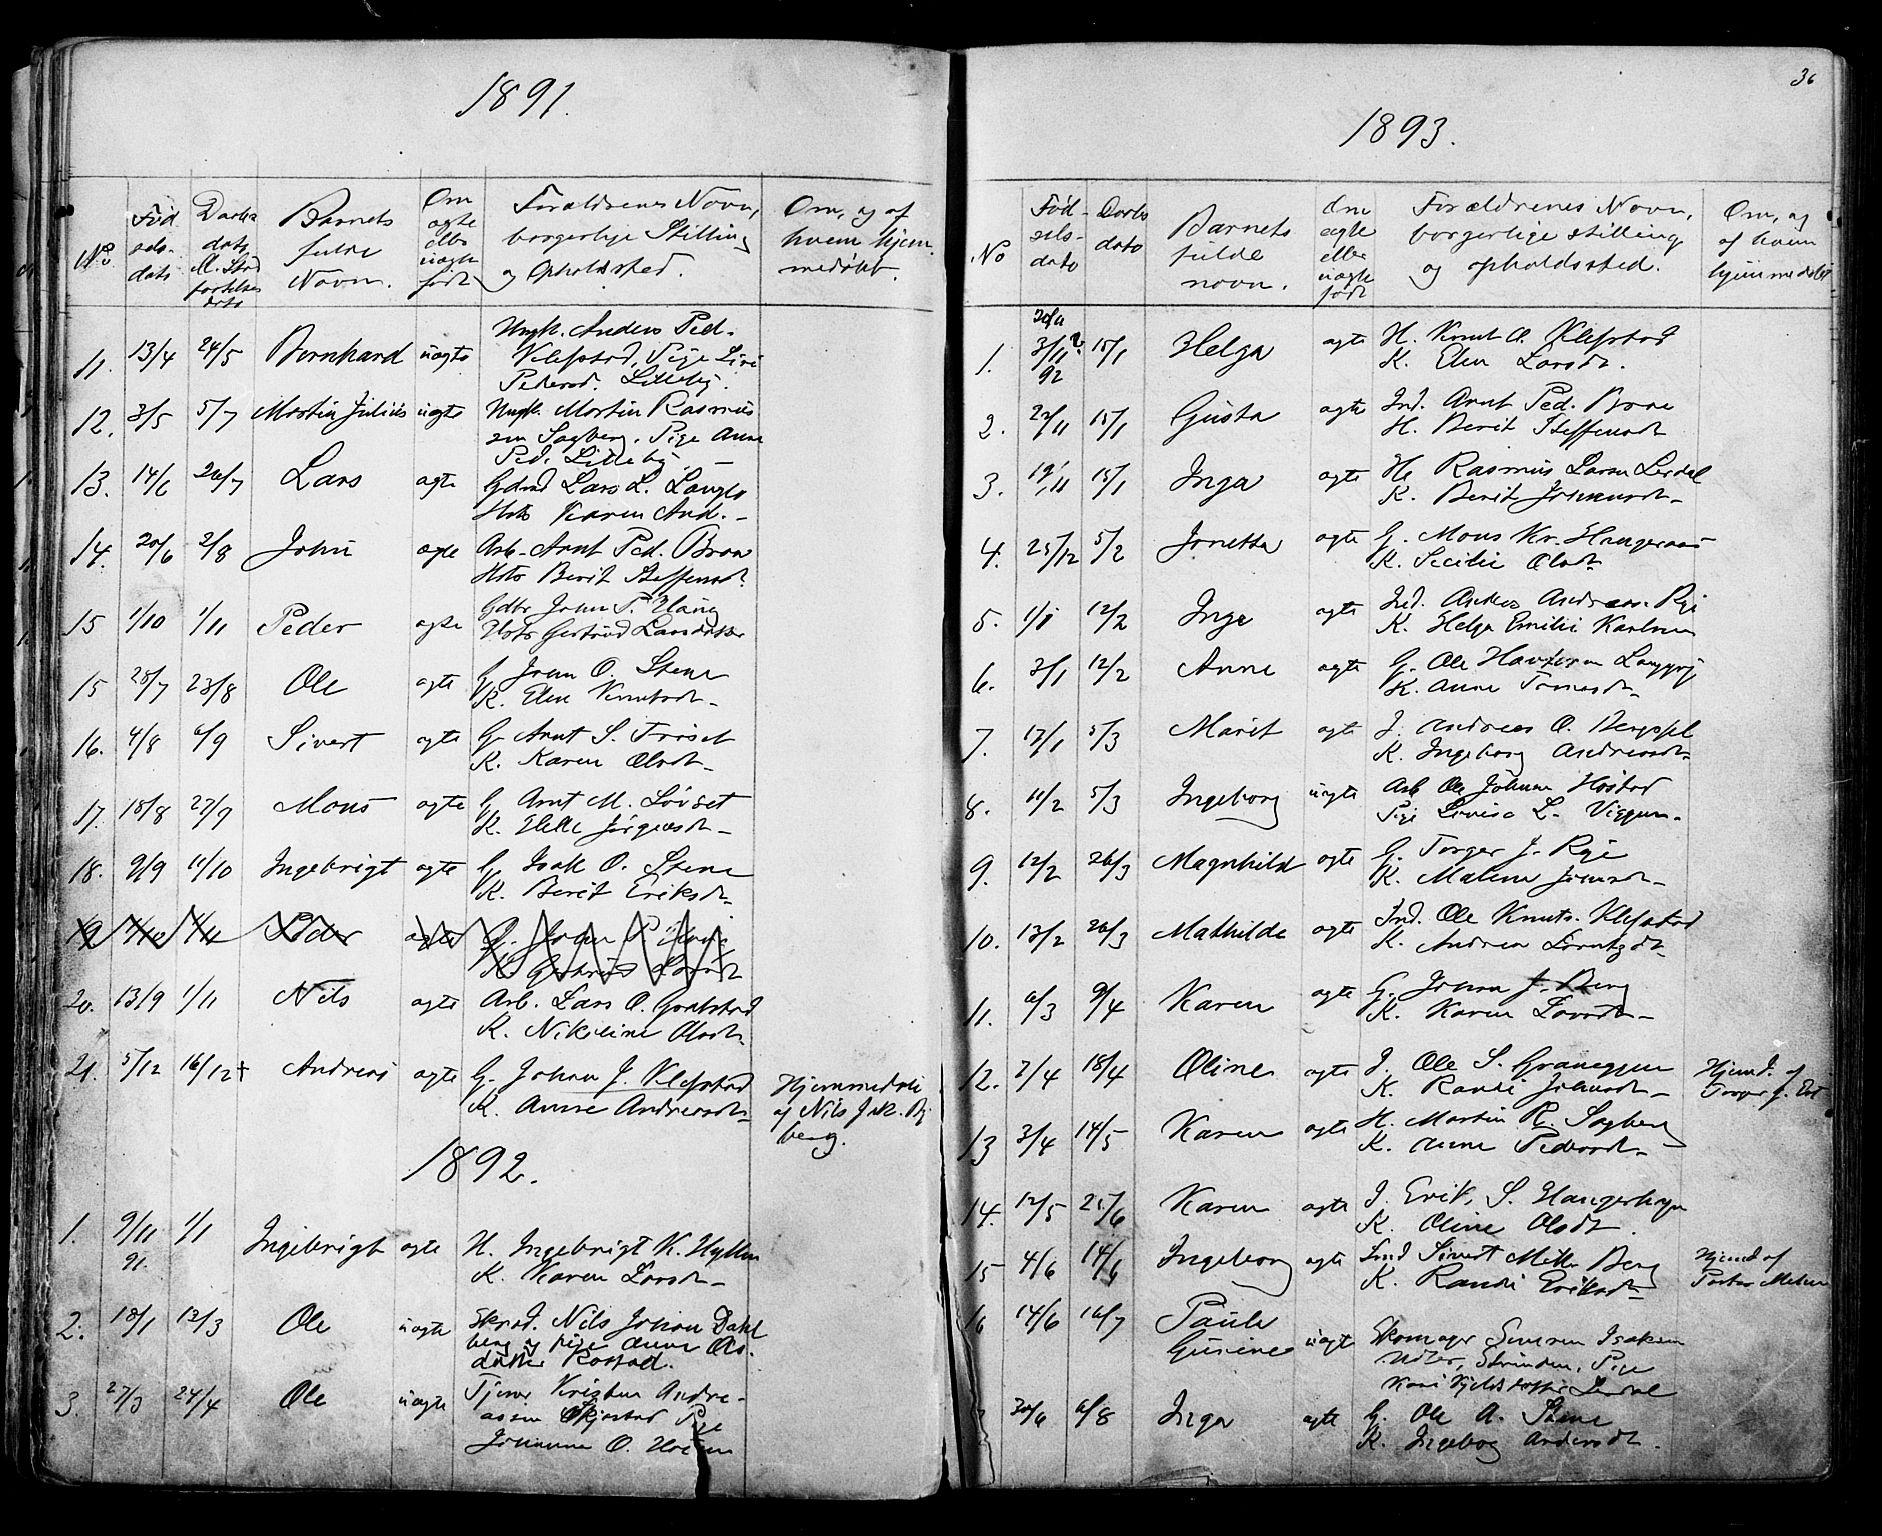 SAT, Ministerialprotokoller, klokkerbøker og fødselsregistre - Sør-Trøndelag, 612/L0387: Klokkerbok nr. 612C03, 1874-1908, s. 36